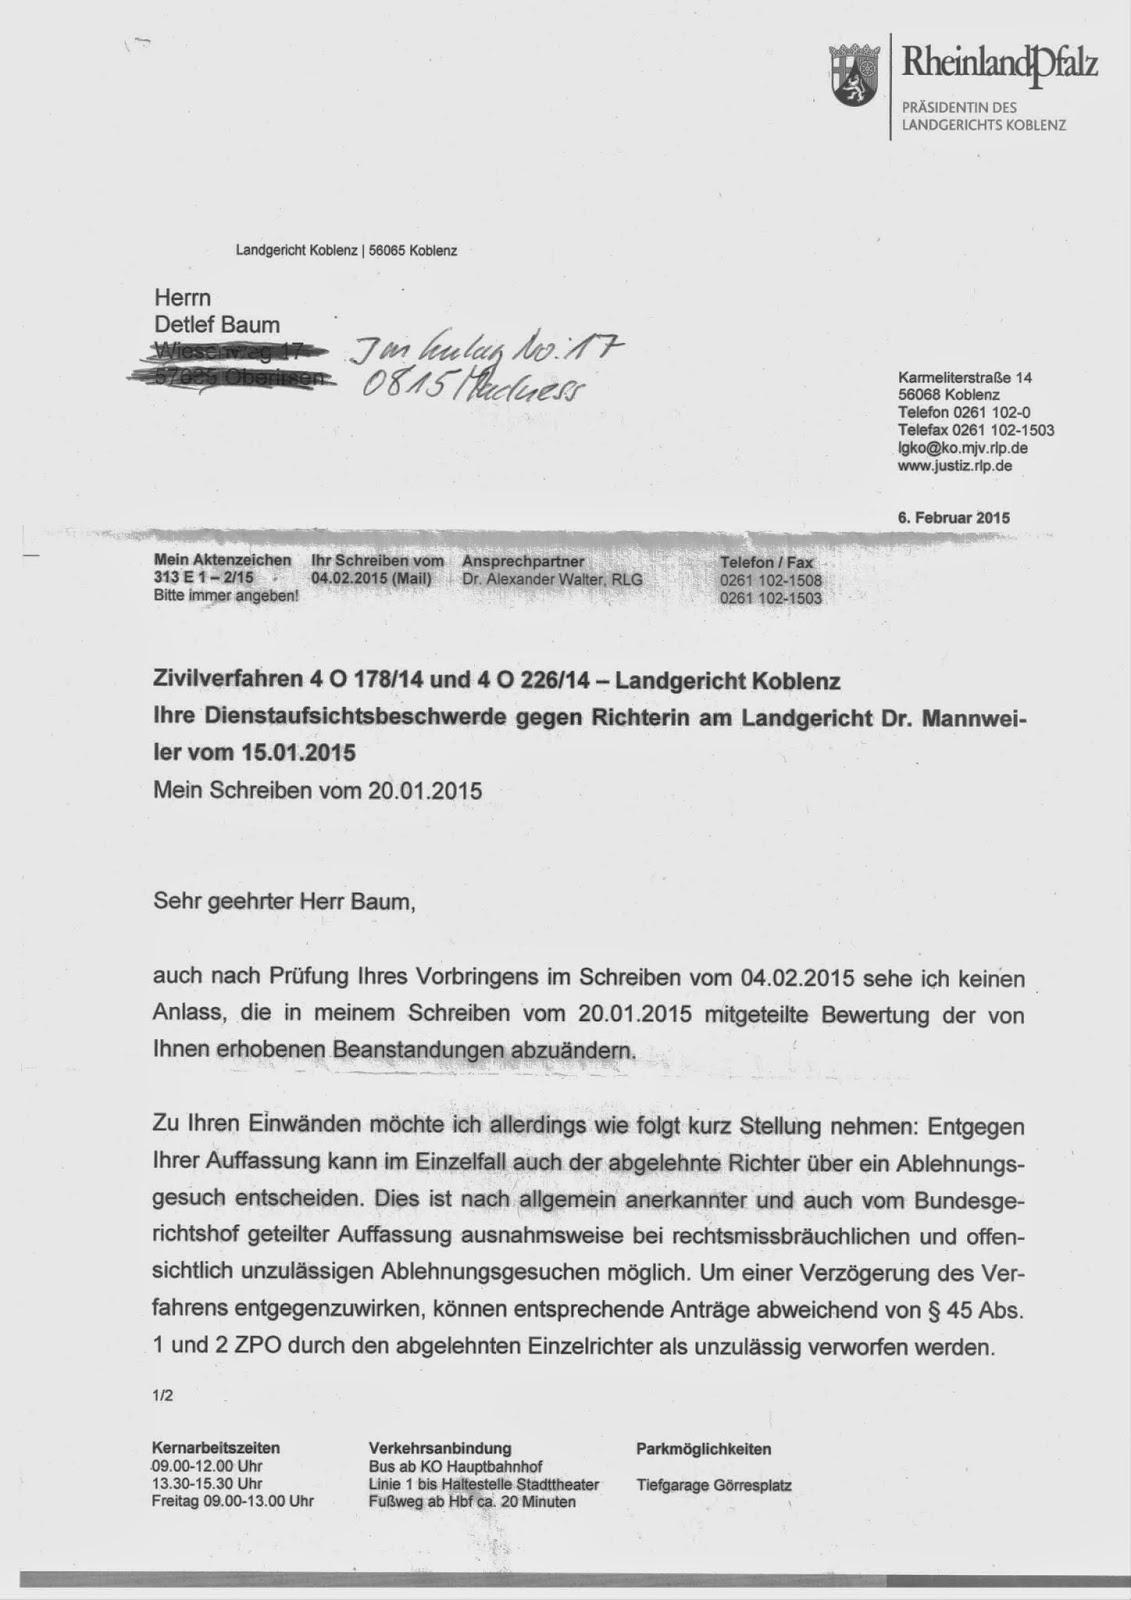 Groß Bevollmächtigter Lebenslauf Anschreiben Galerie ...